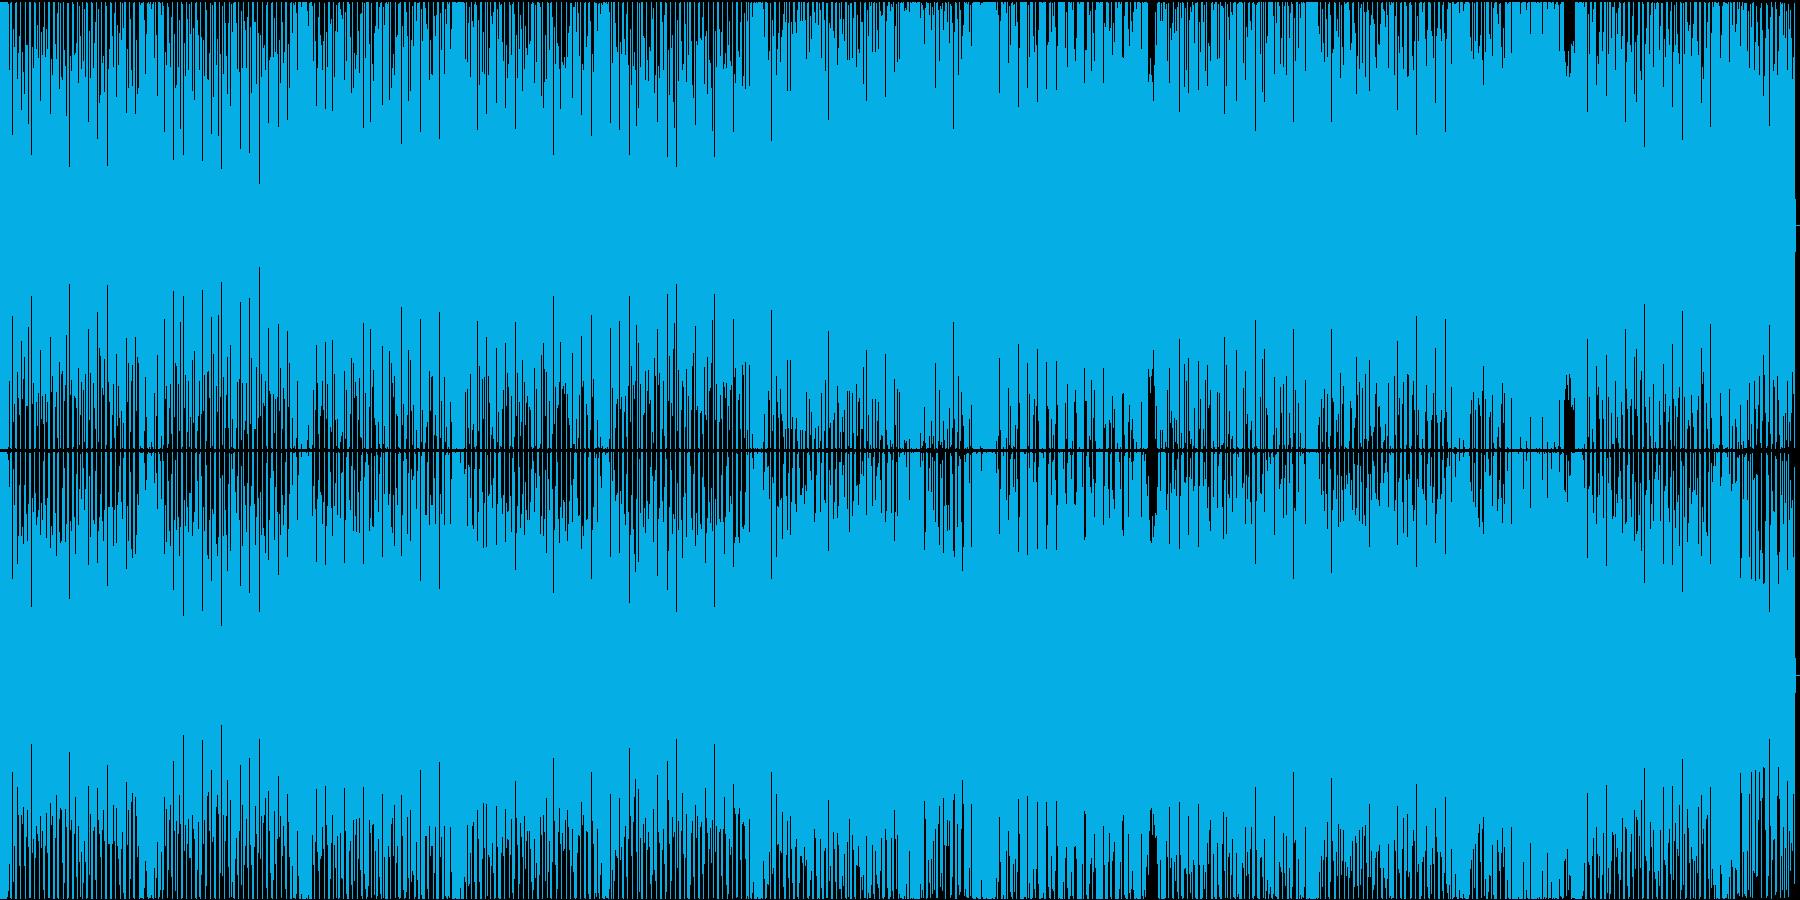 スクラッチが印象的なテクノポップの再生済みの波形